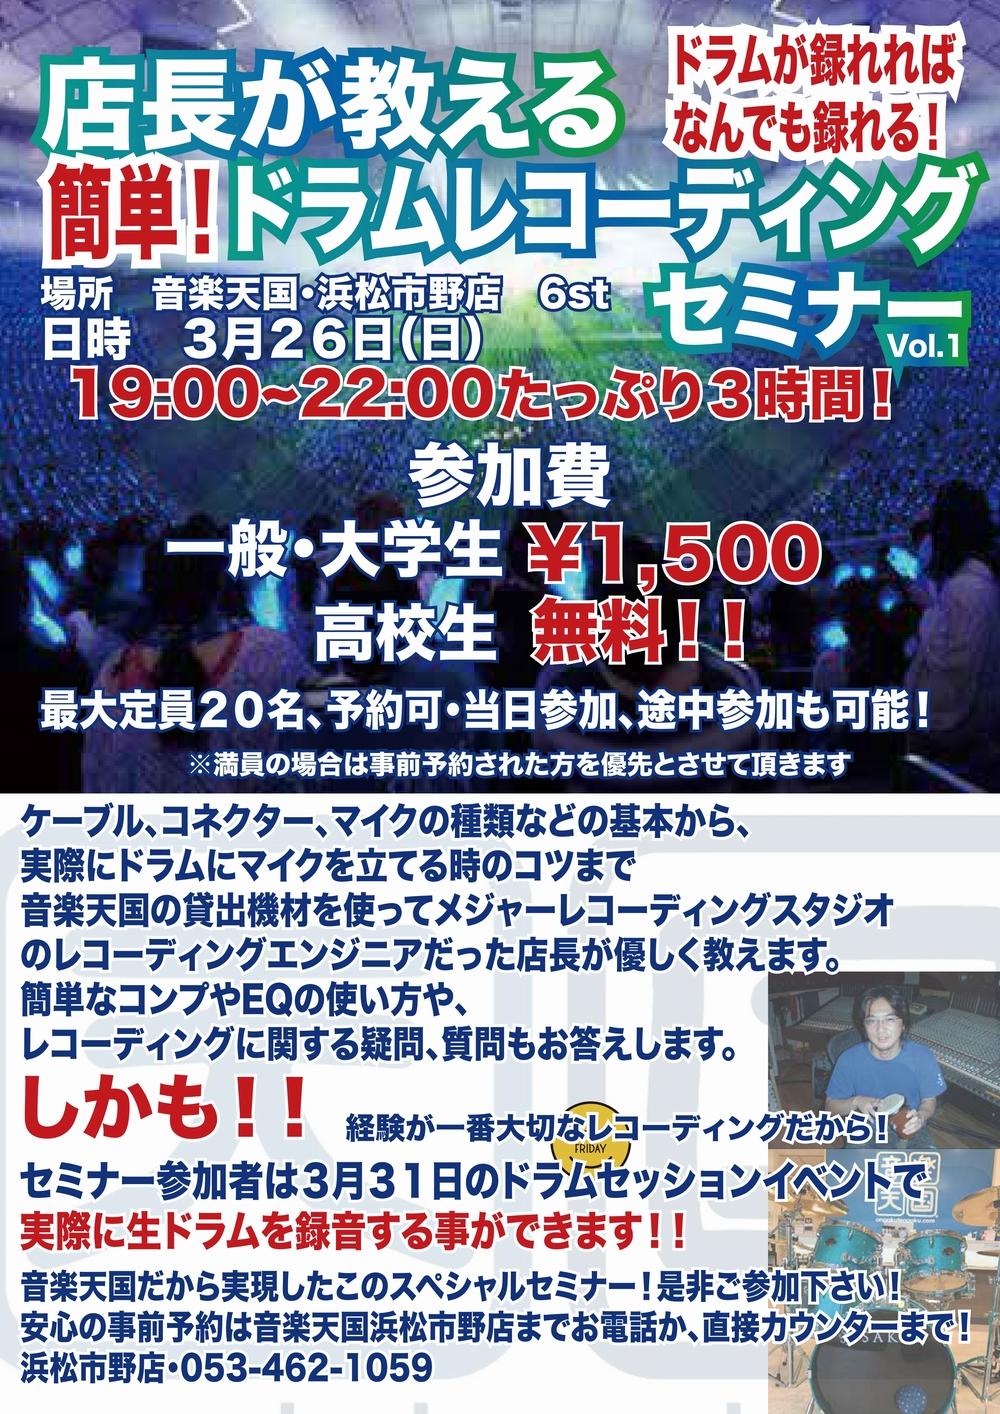 【セミナー】ドラムレコーディング 浜松市野店3月26日(日)開催!